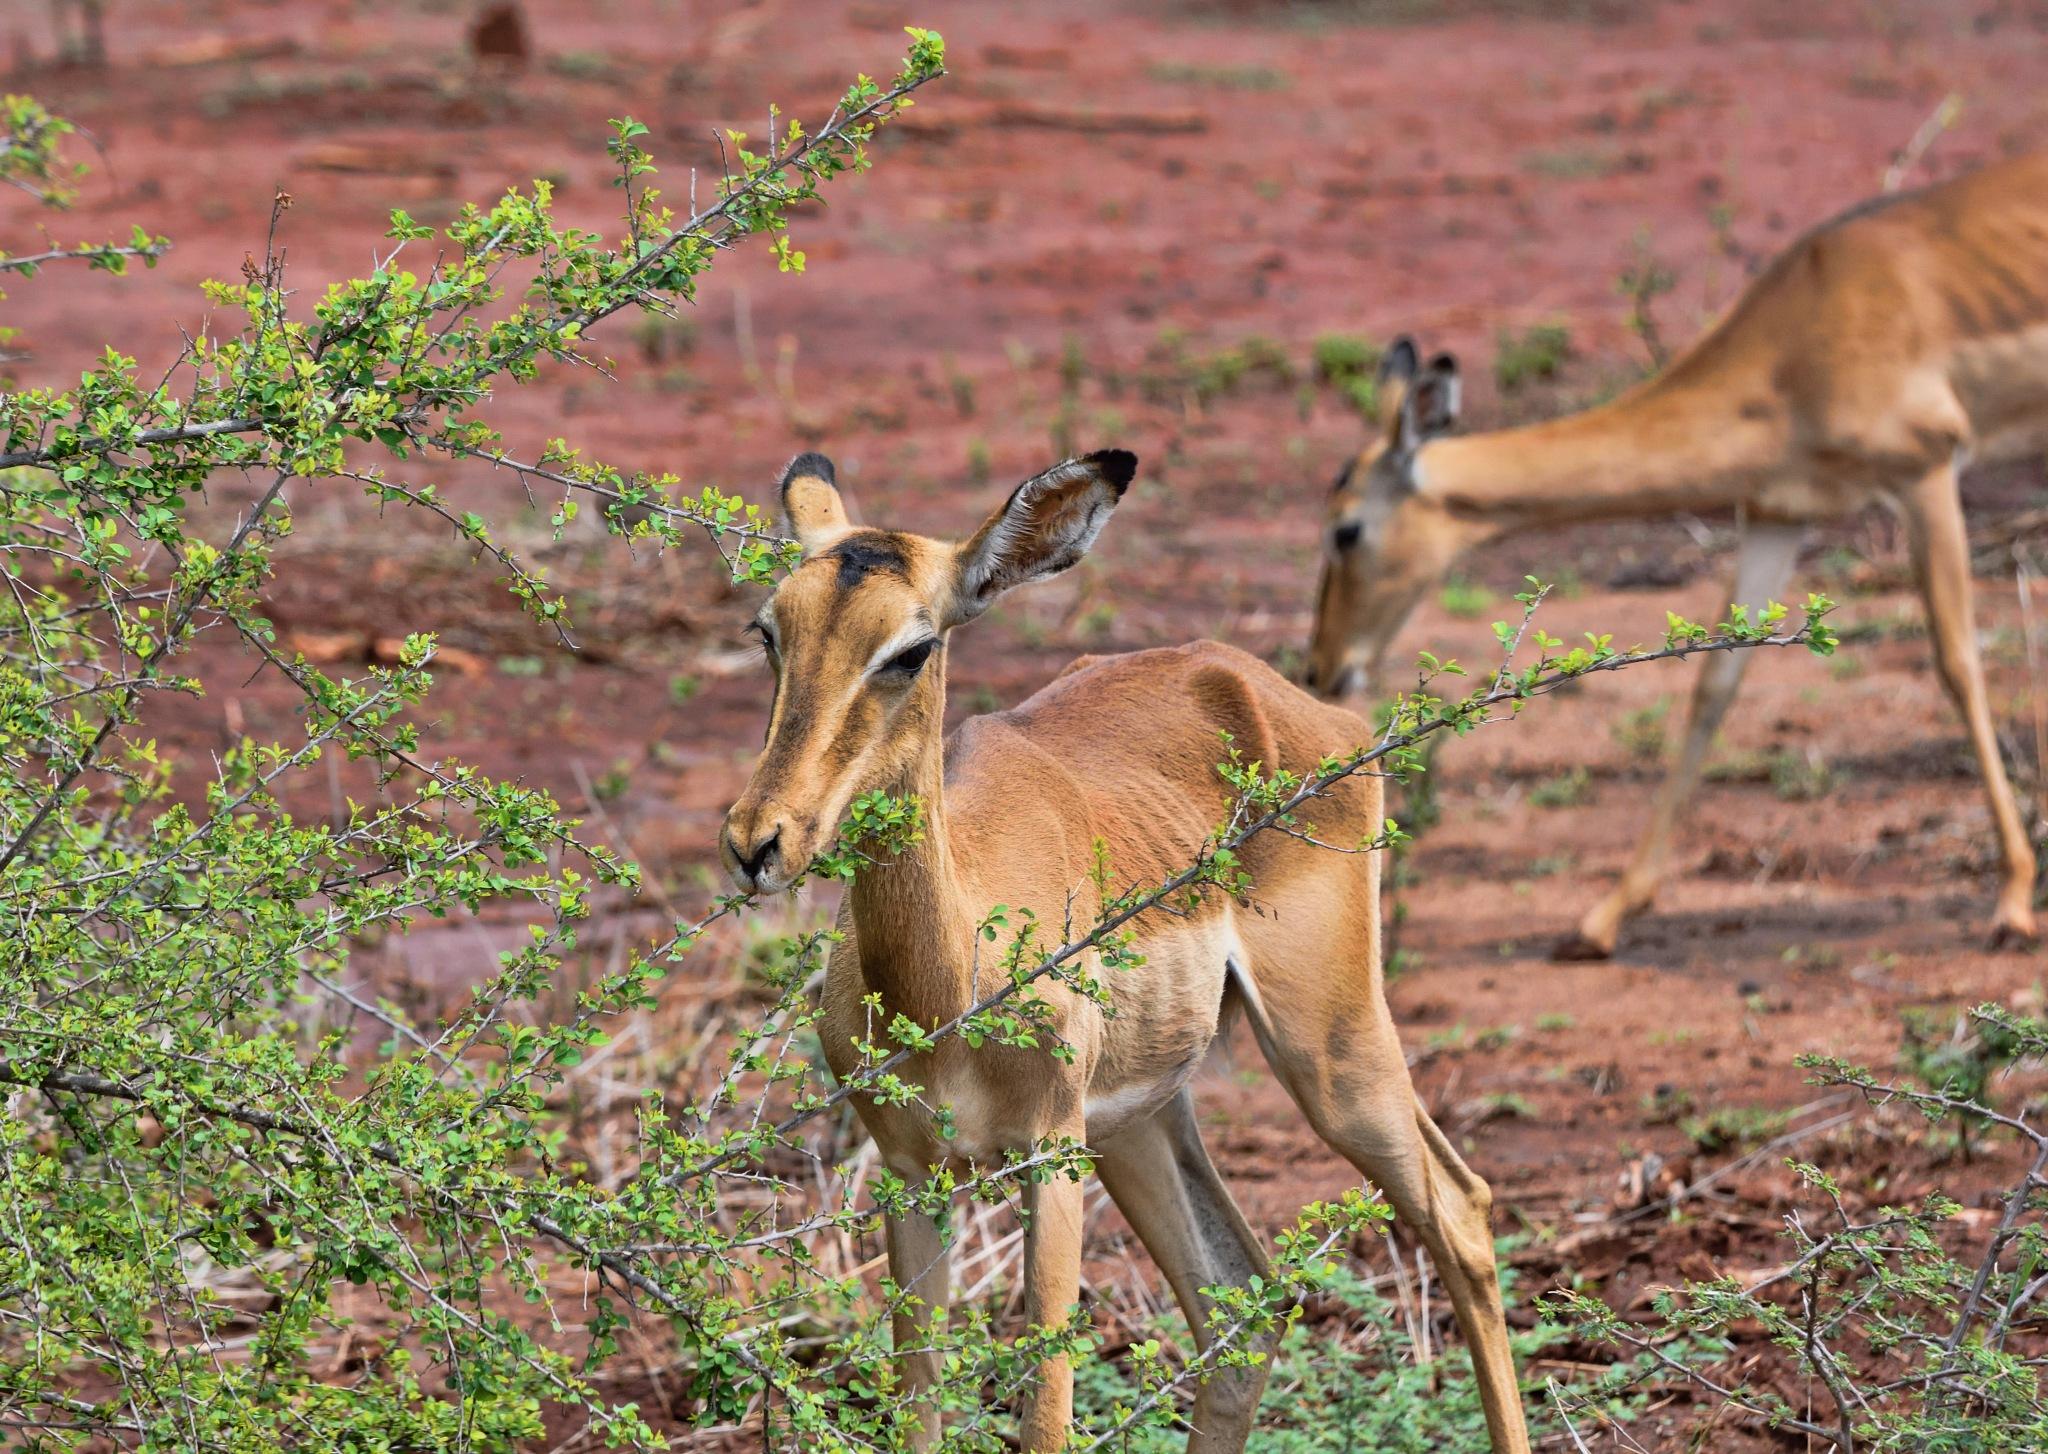 South Africa - Kruger Park (173) Impala by Derek Clarke